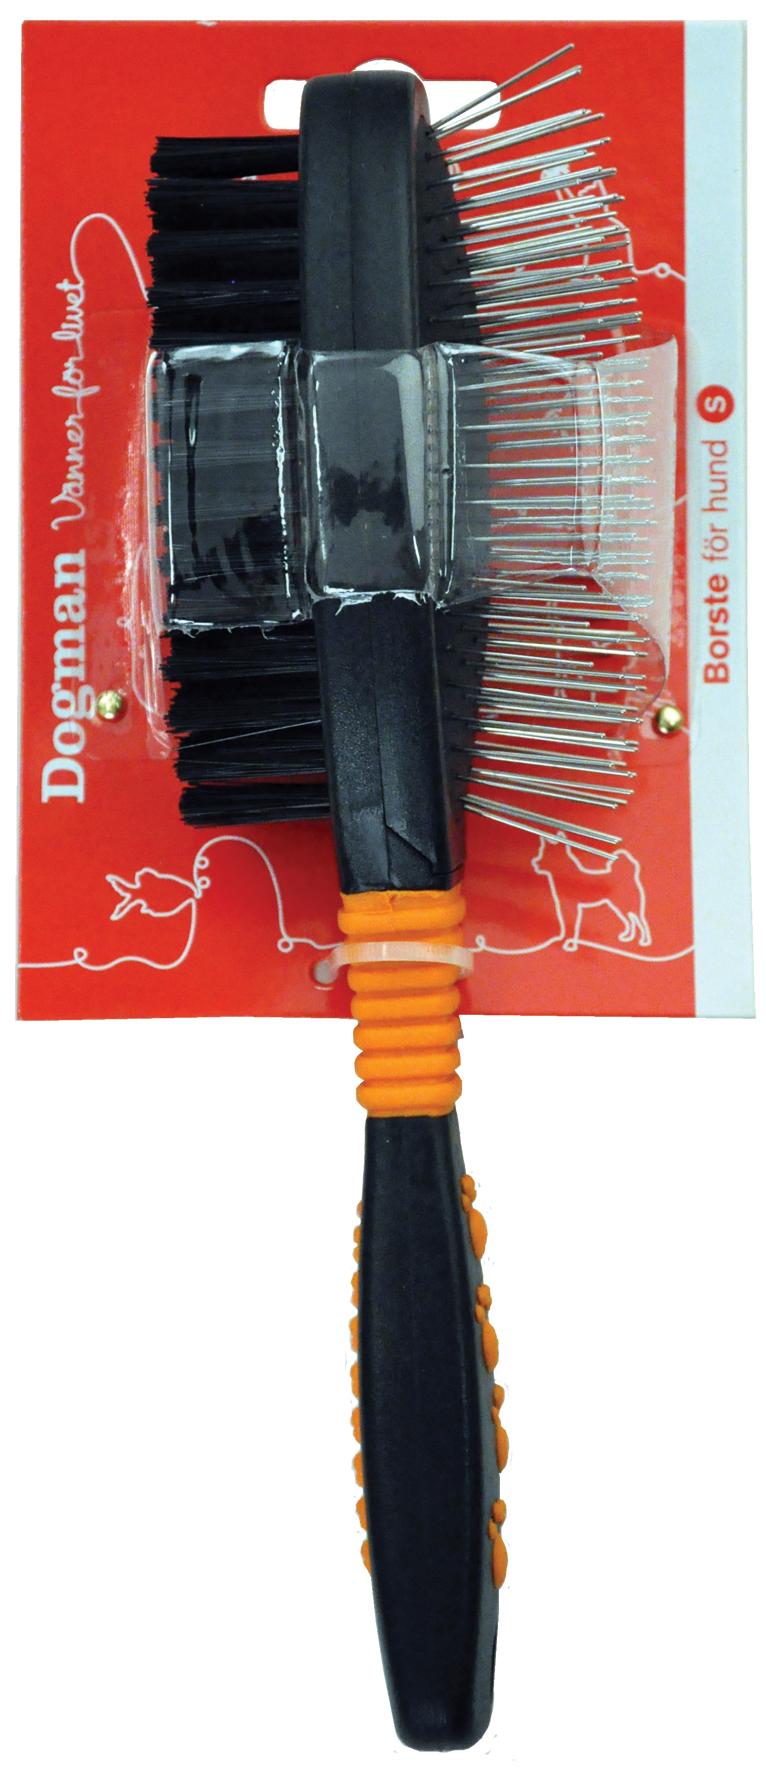 Dogman Borste dubbelsidig metallpigg 22,5cm